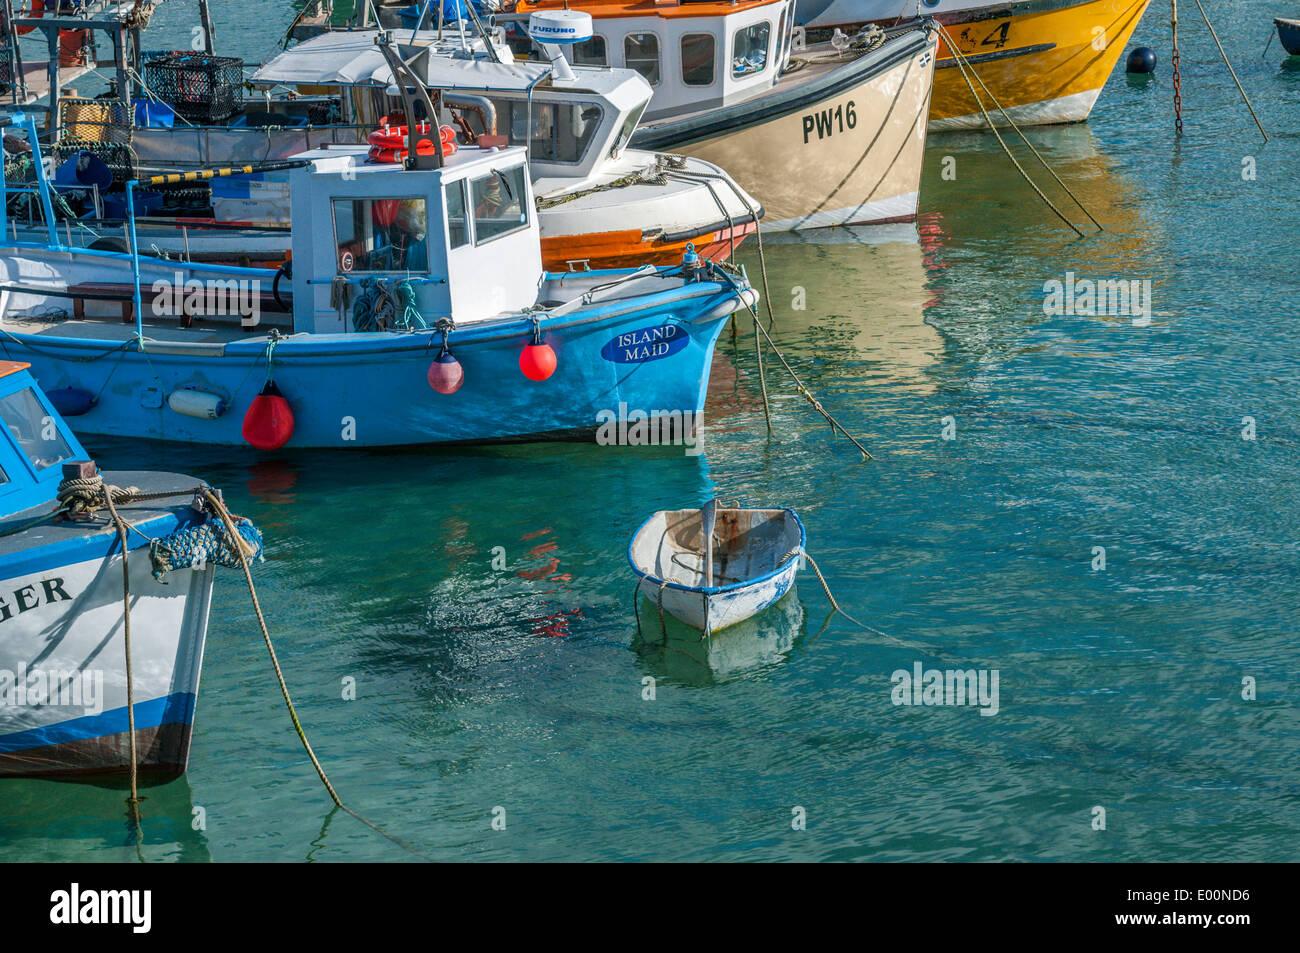 Le navi da pesca ormeggiate nel porto di Newquay in Cornovaglia Inghilterra Immagini Stock